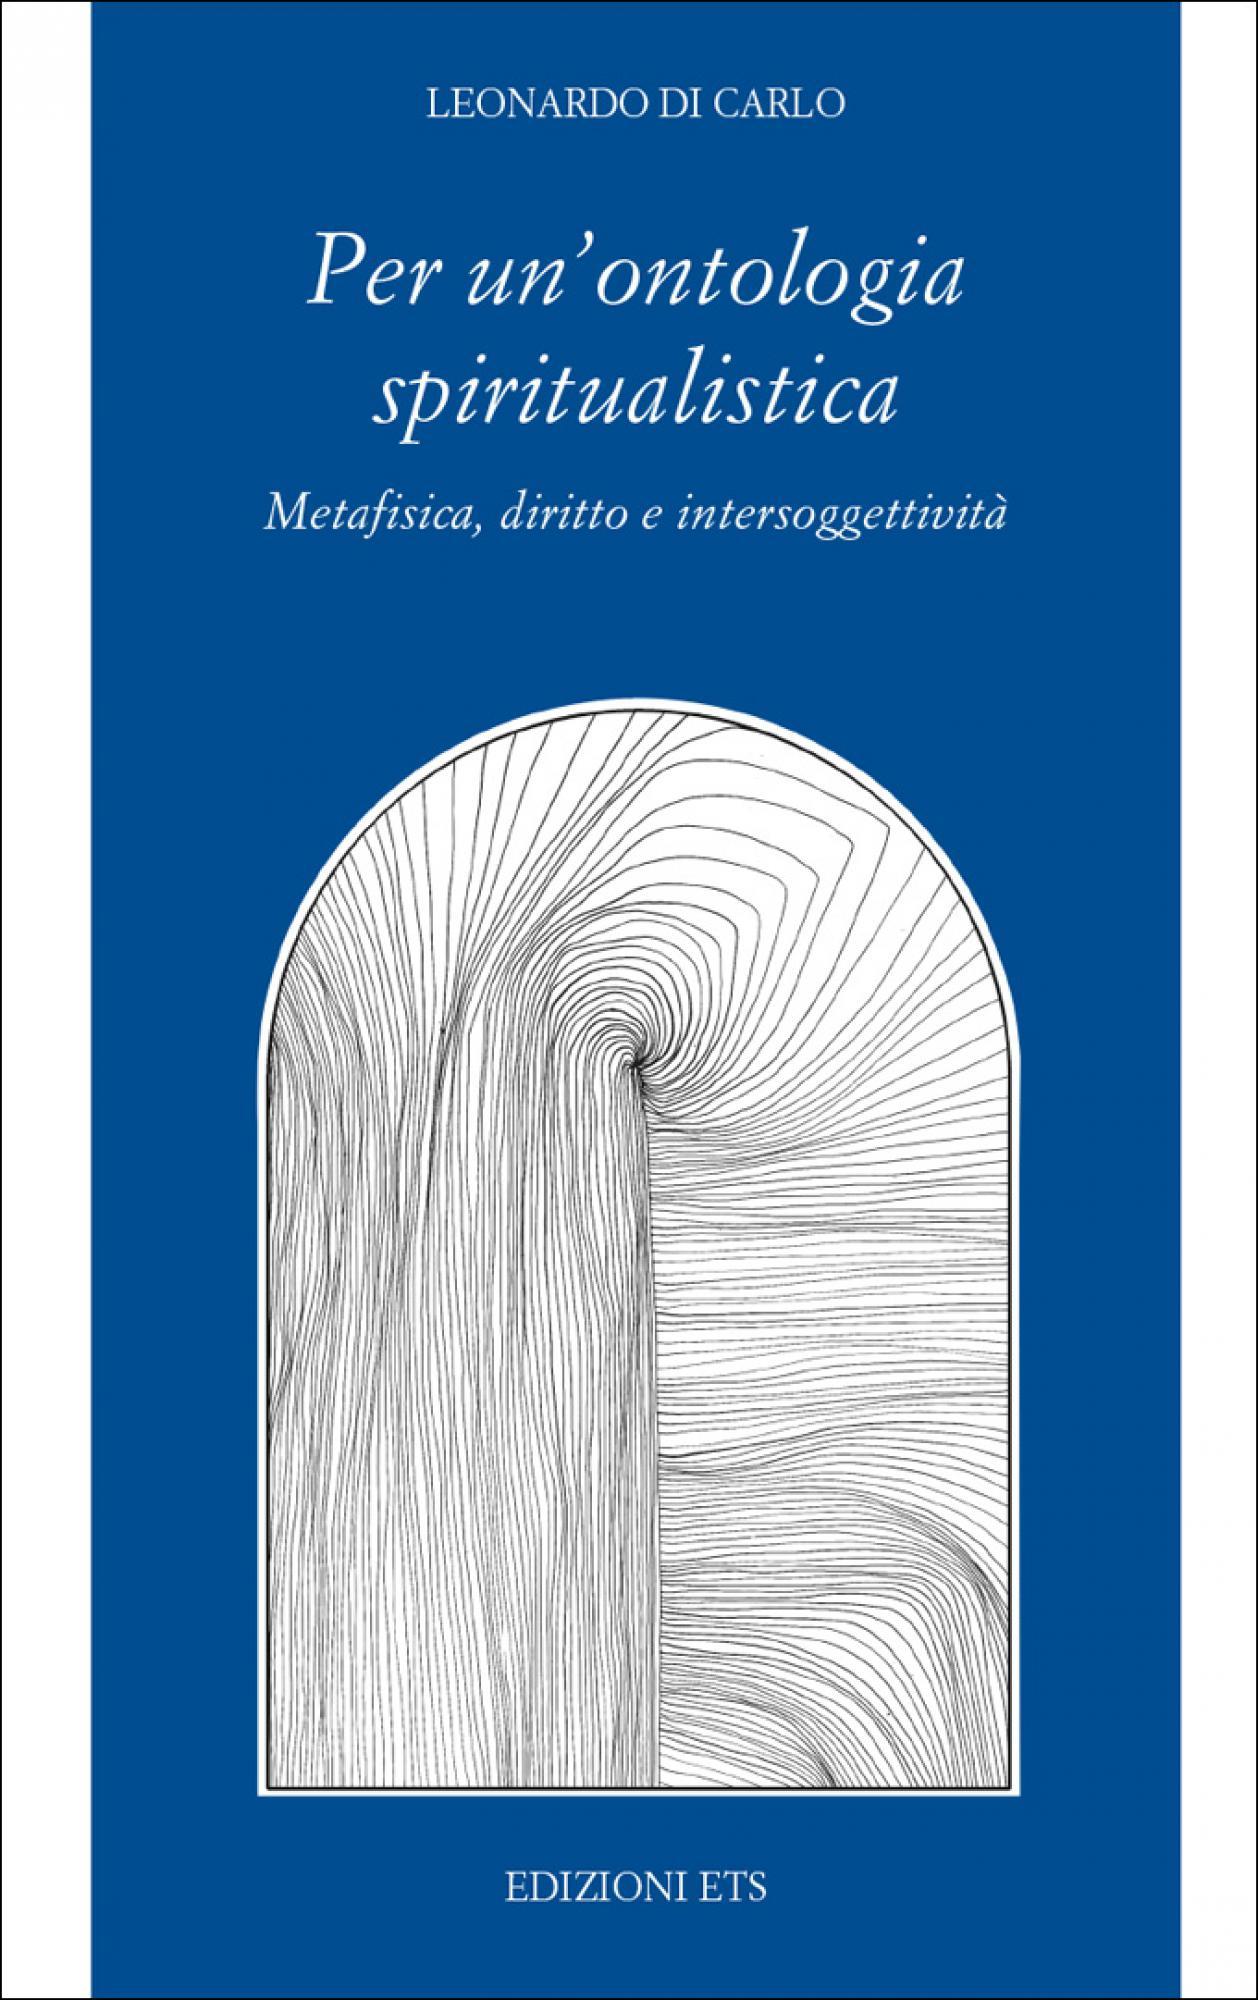 Per un'ontologia spiritualistica.Metafisica, diritto e intersoggettività